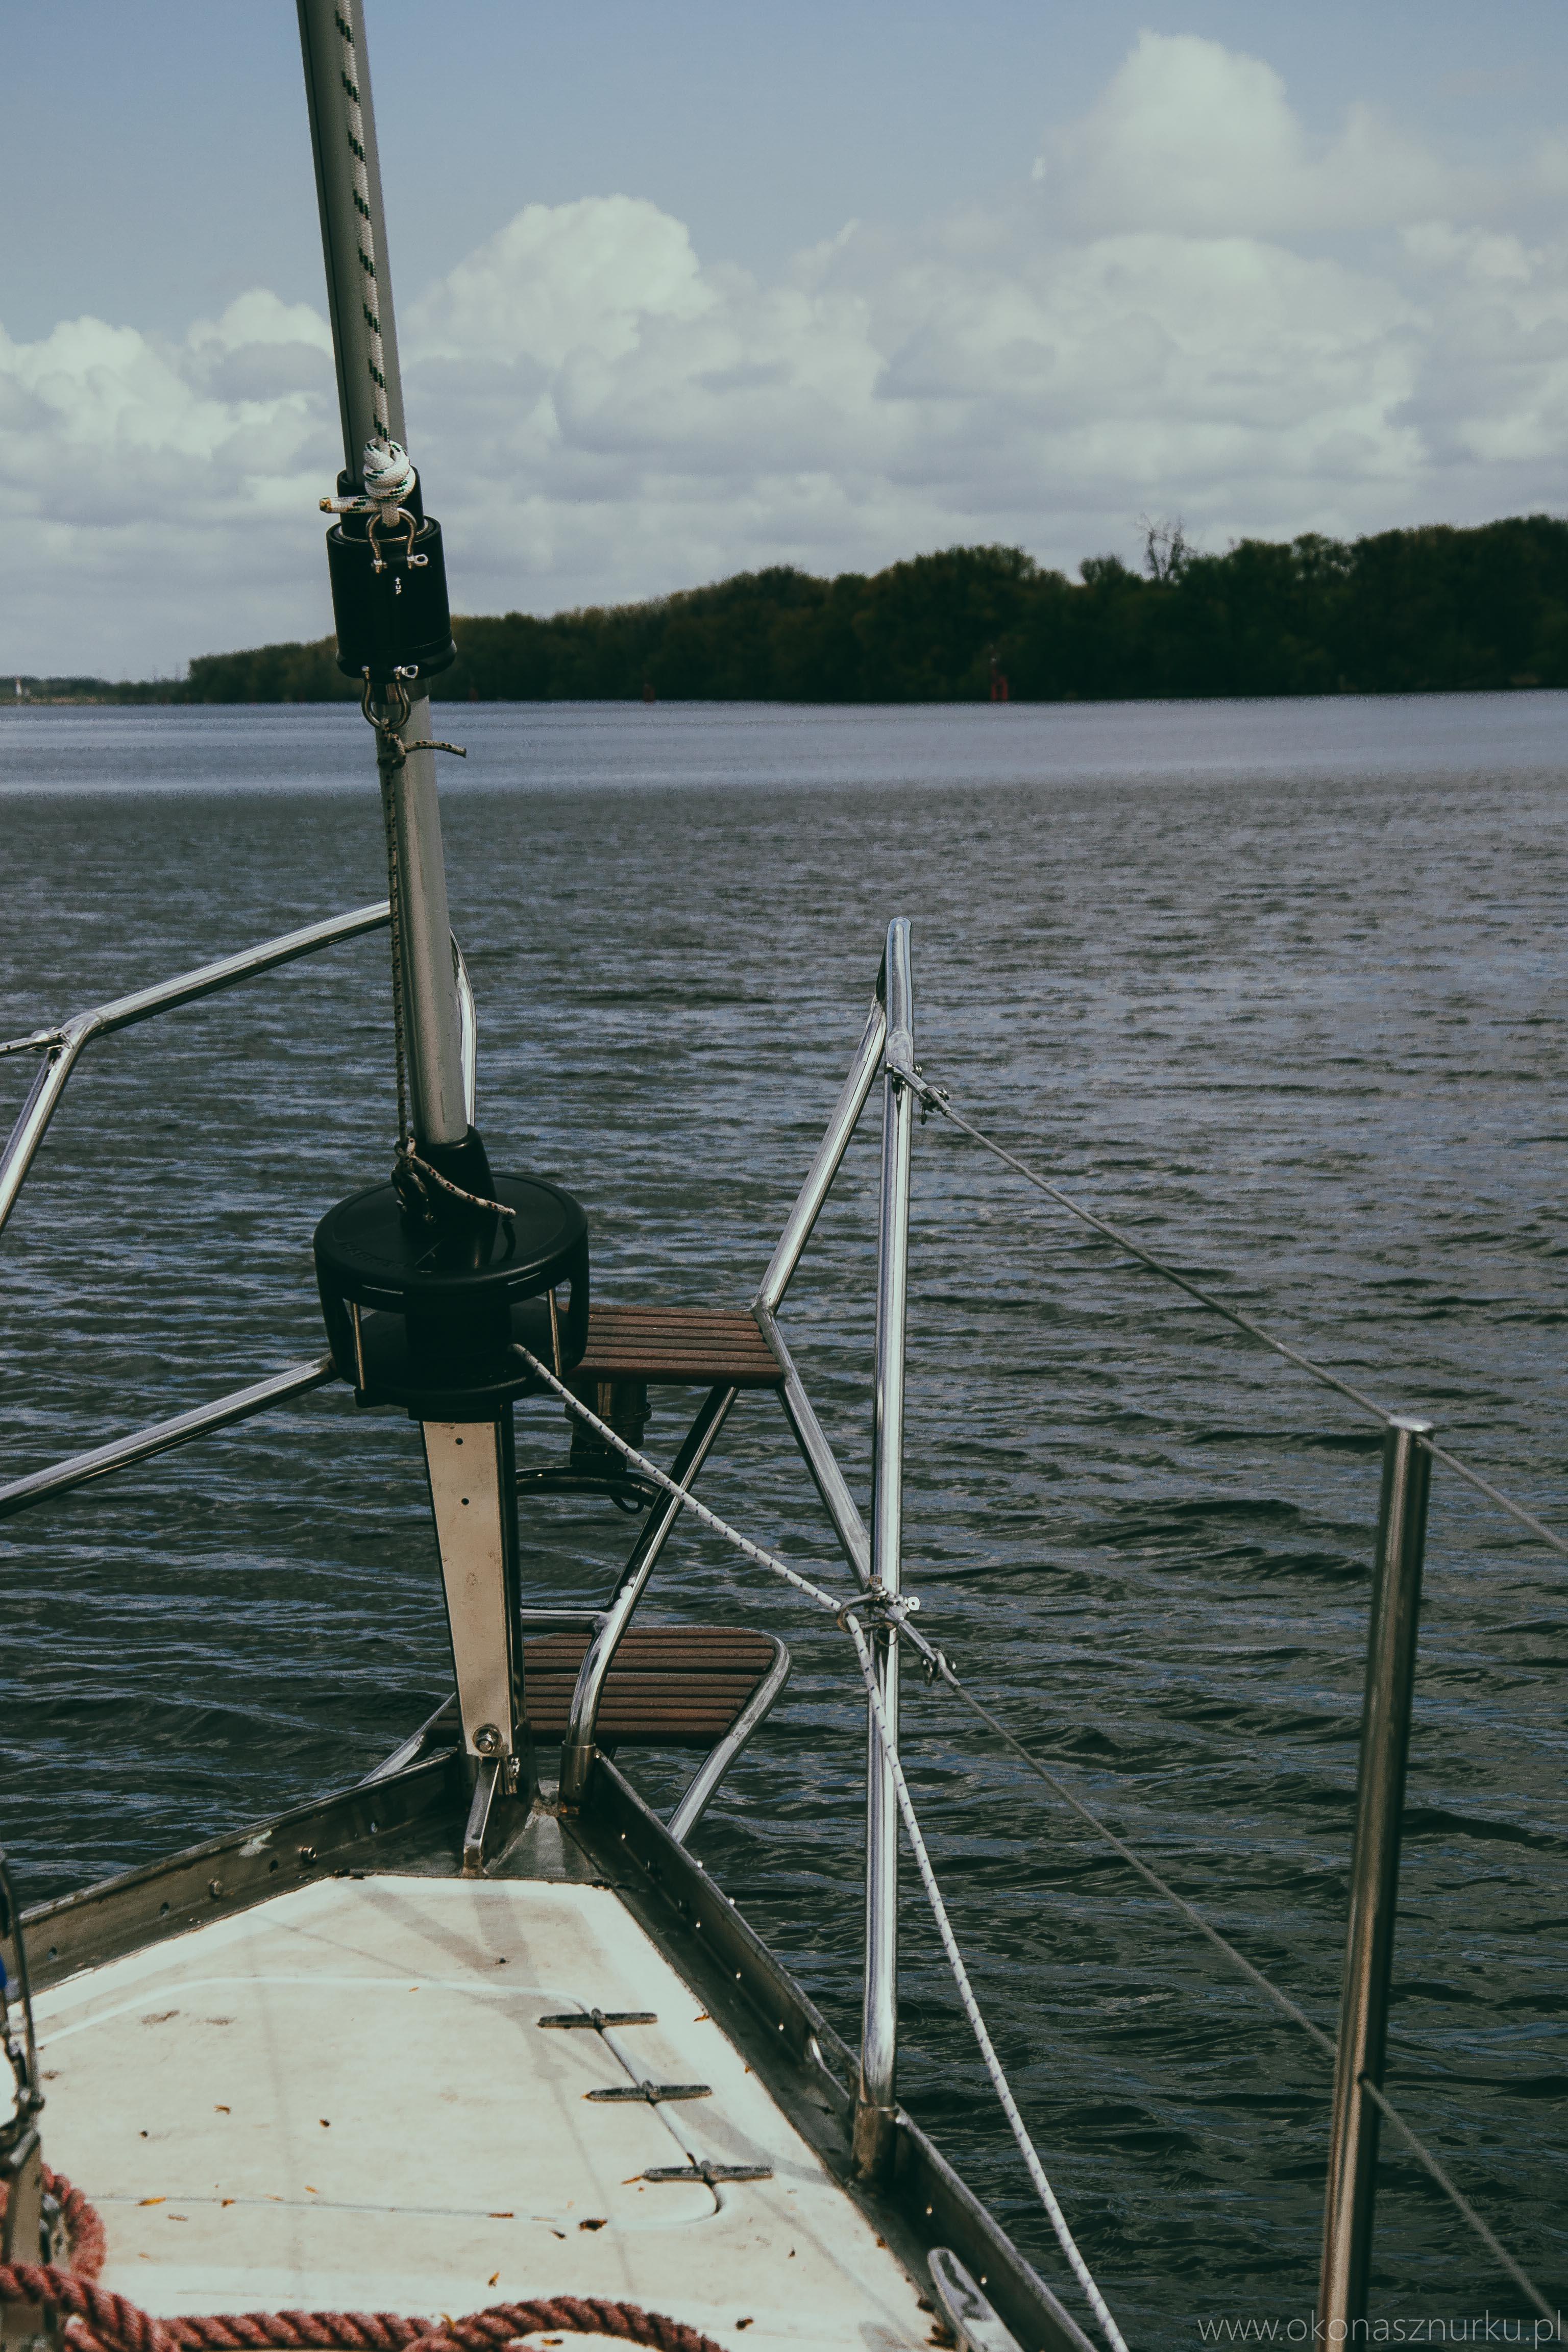 marina-jacht-wyprawy-morskie-silesia-szczecin-goclaw-lubczyna (16)